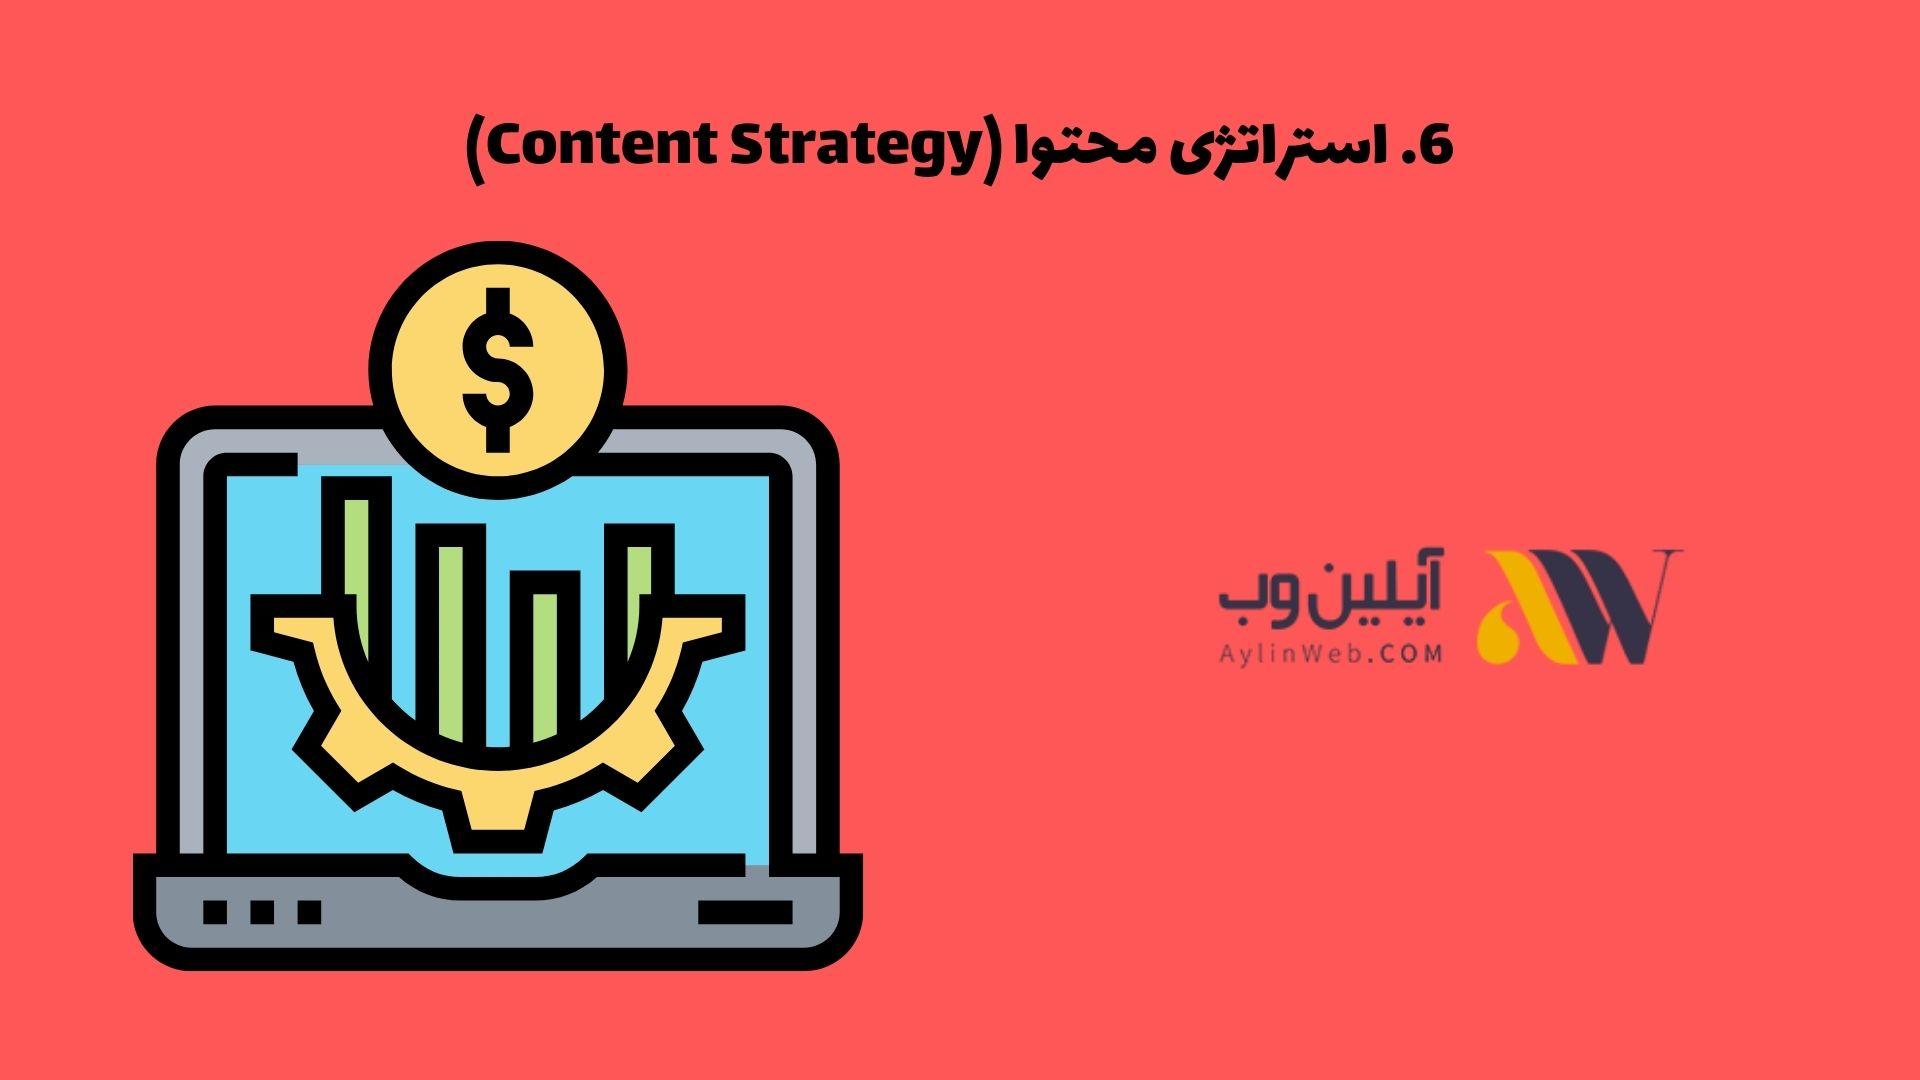 استراتژی محتوا (Content Strategy)